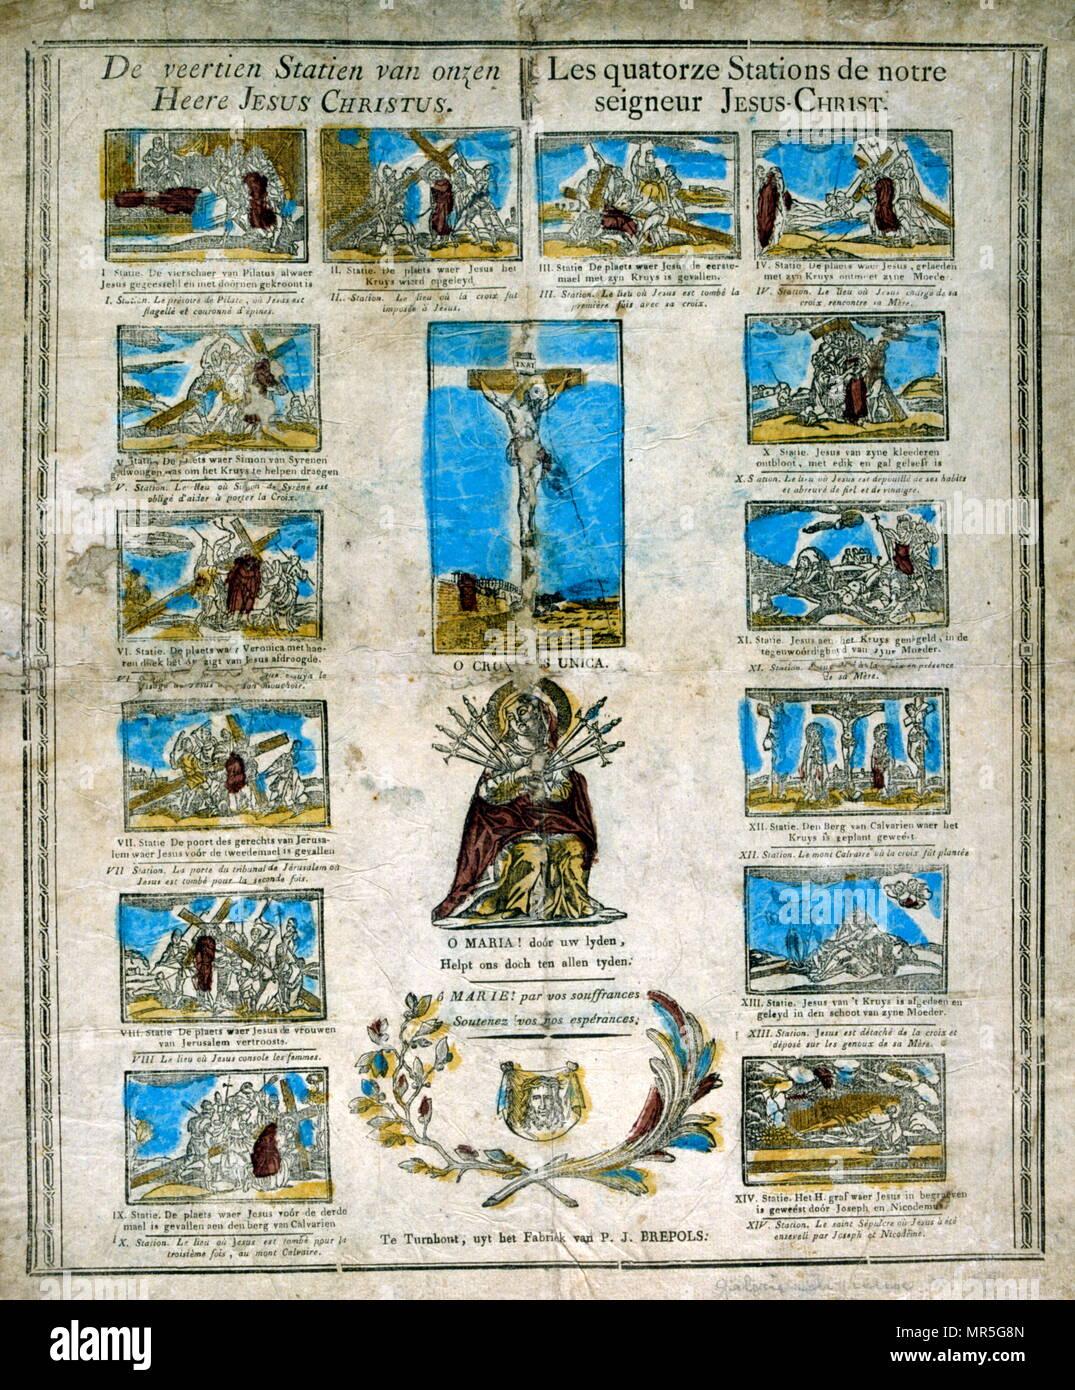 Francés Holandés del siglo XIX, la ilustración, mostrando las catorce estaciones de la cruz y el Cristo crucificado. Xilografía circa 1830 Imagen De Stock